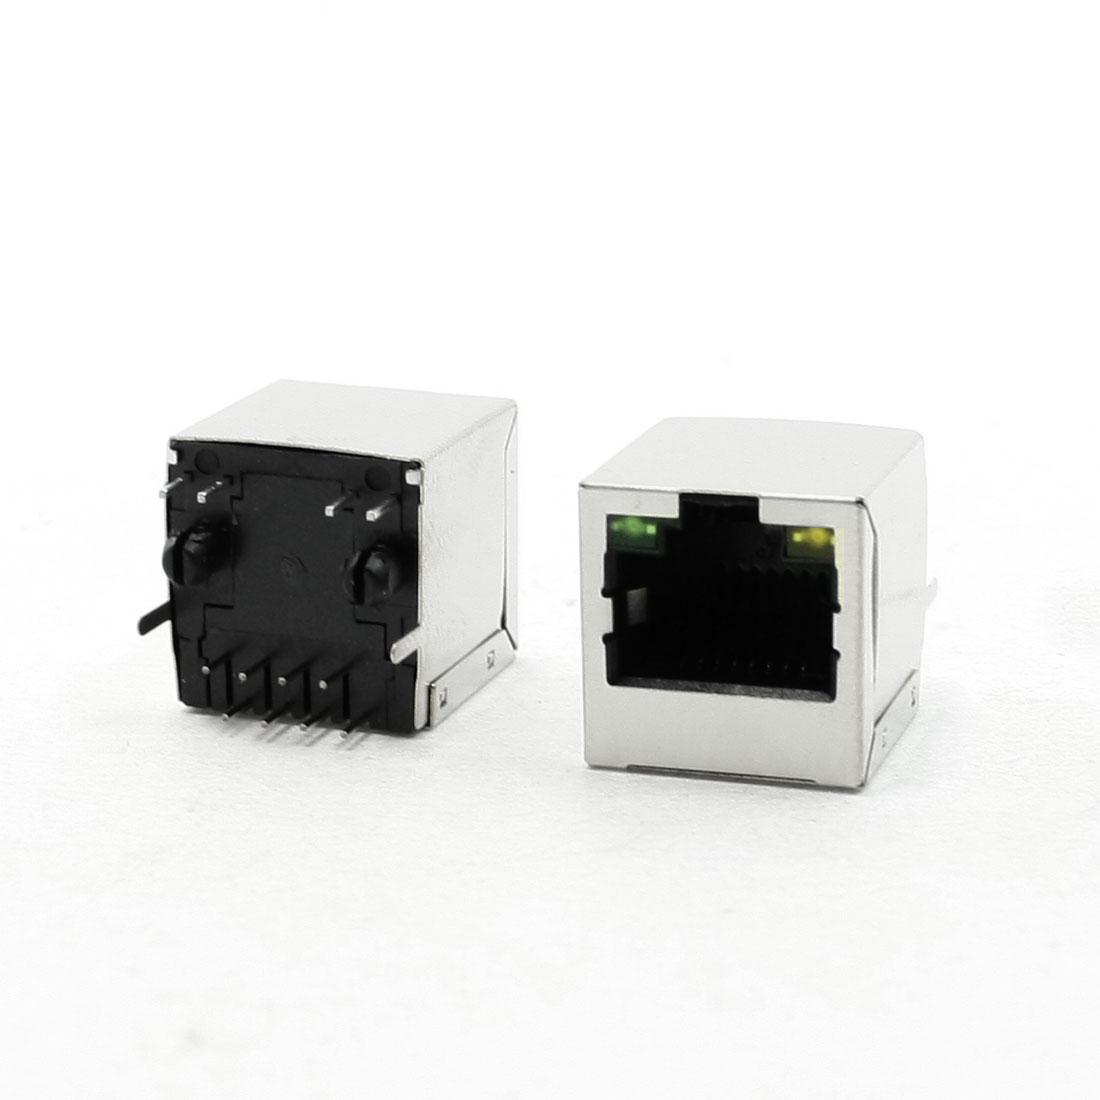 PCB Mount 0 Angle Pins LED Pilot Light RJ45 8P8C Modular Network Jacks 20Pcs